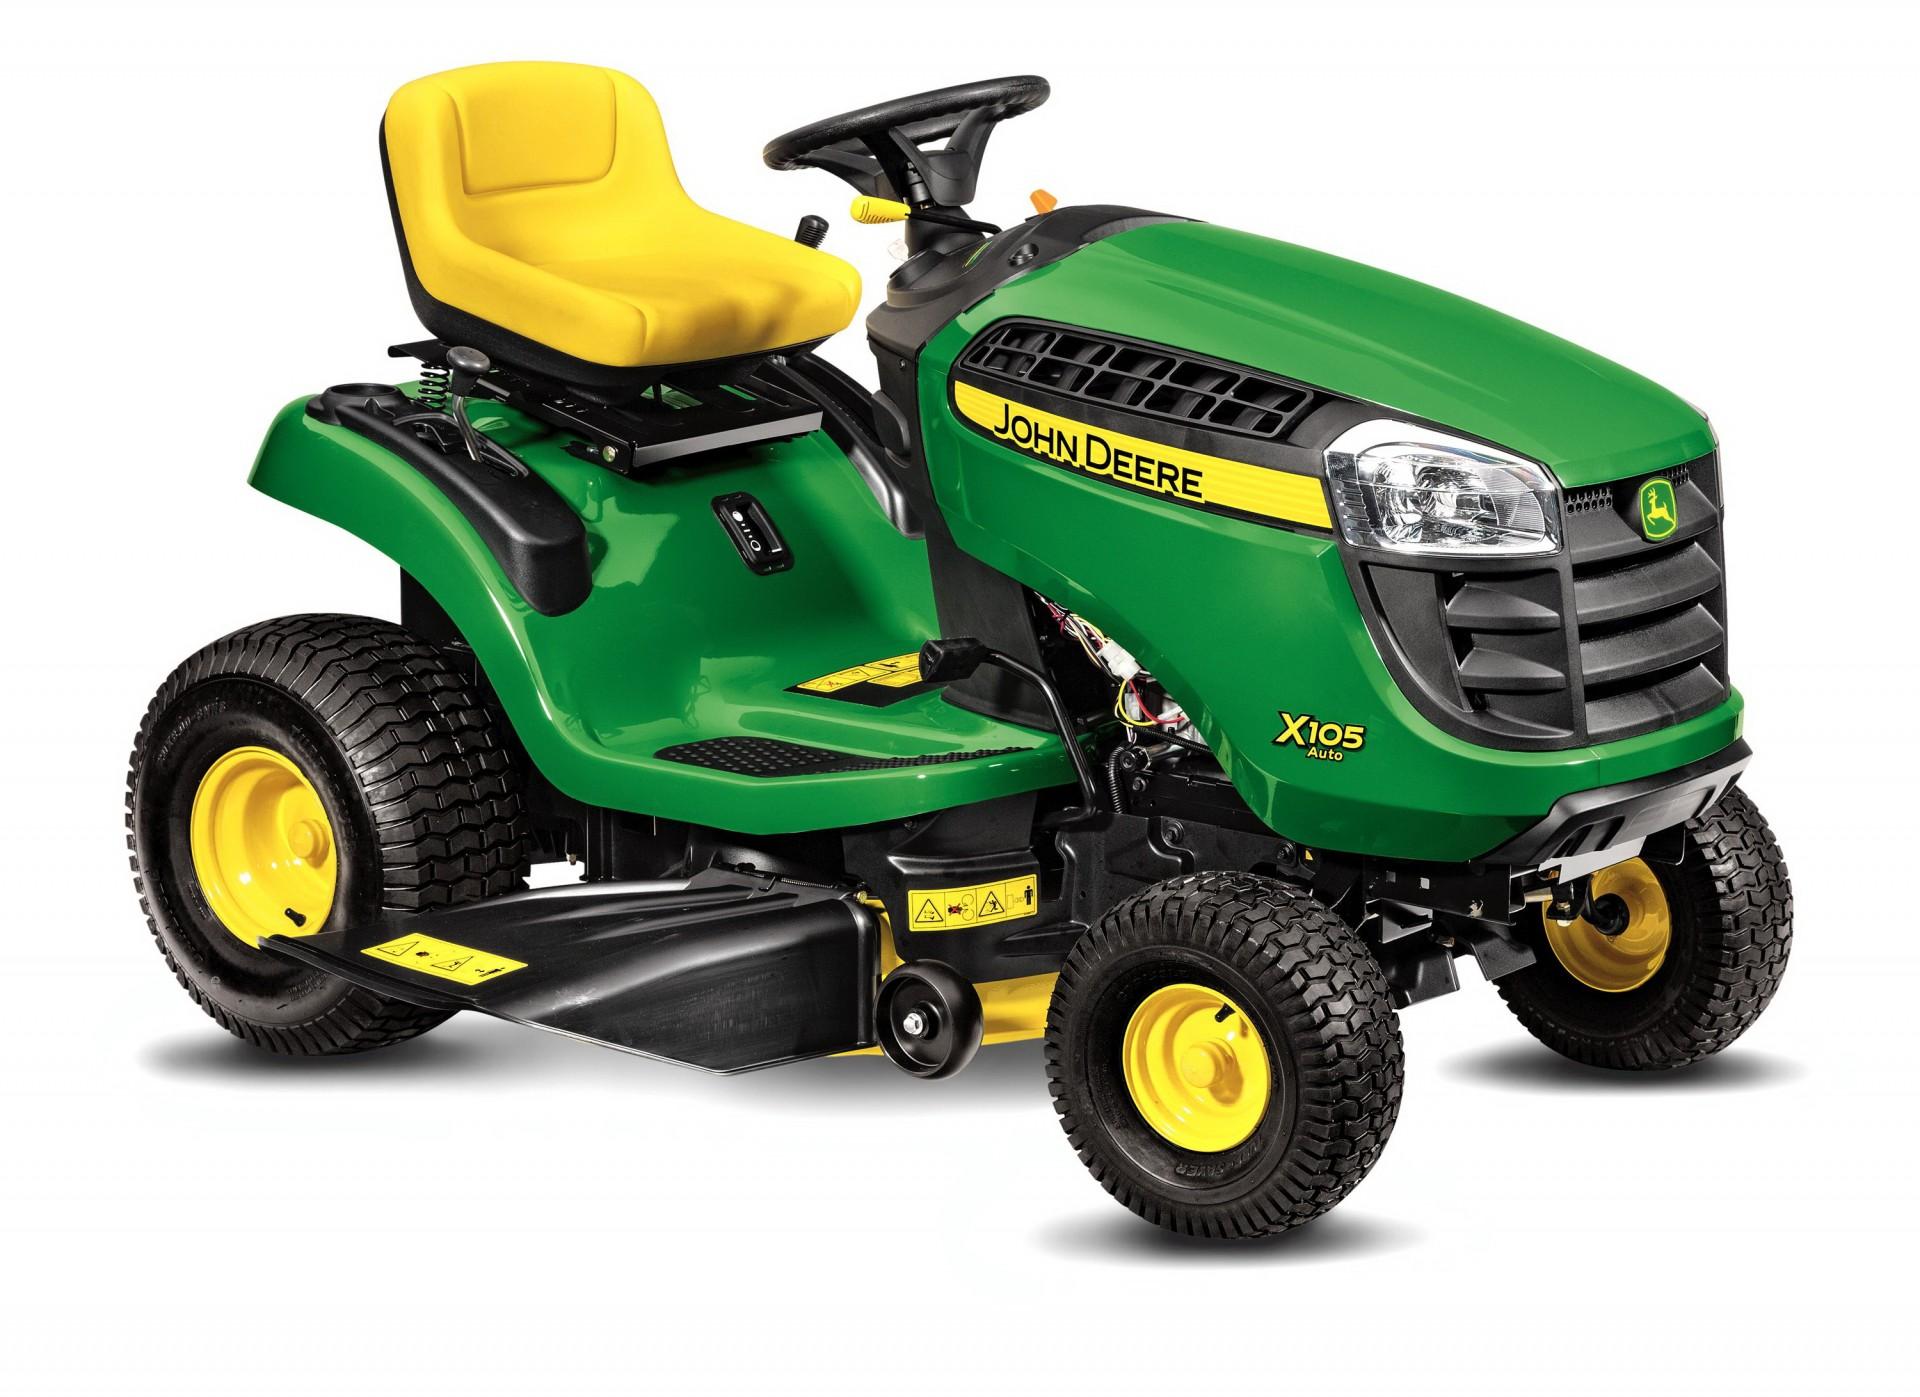 John Deere X105 Auto lawn tractor_studio